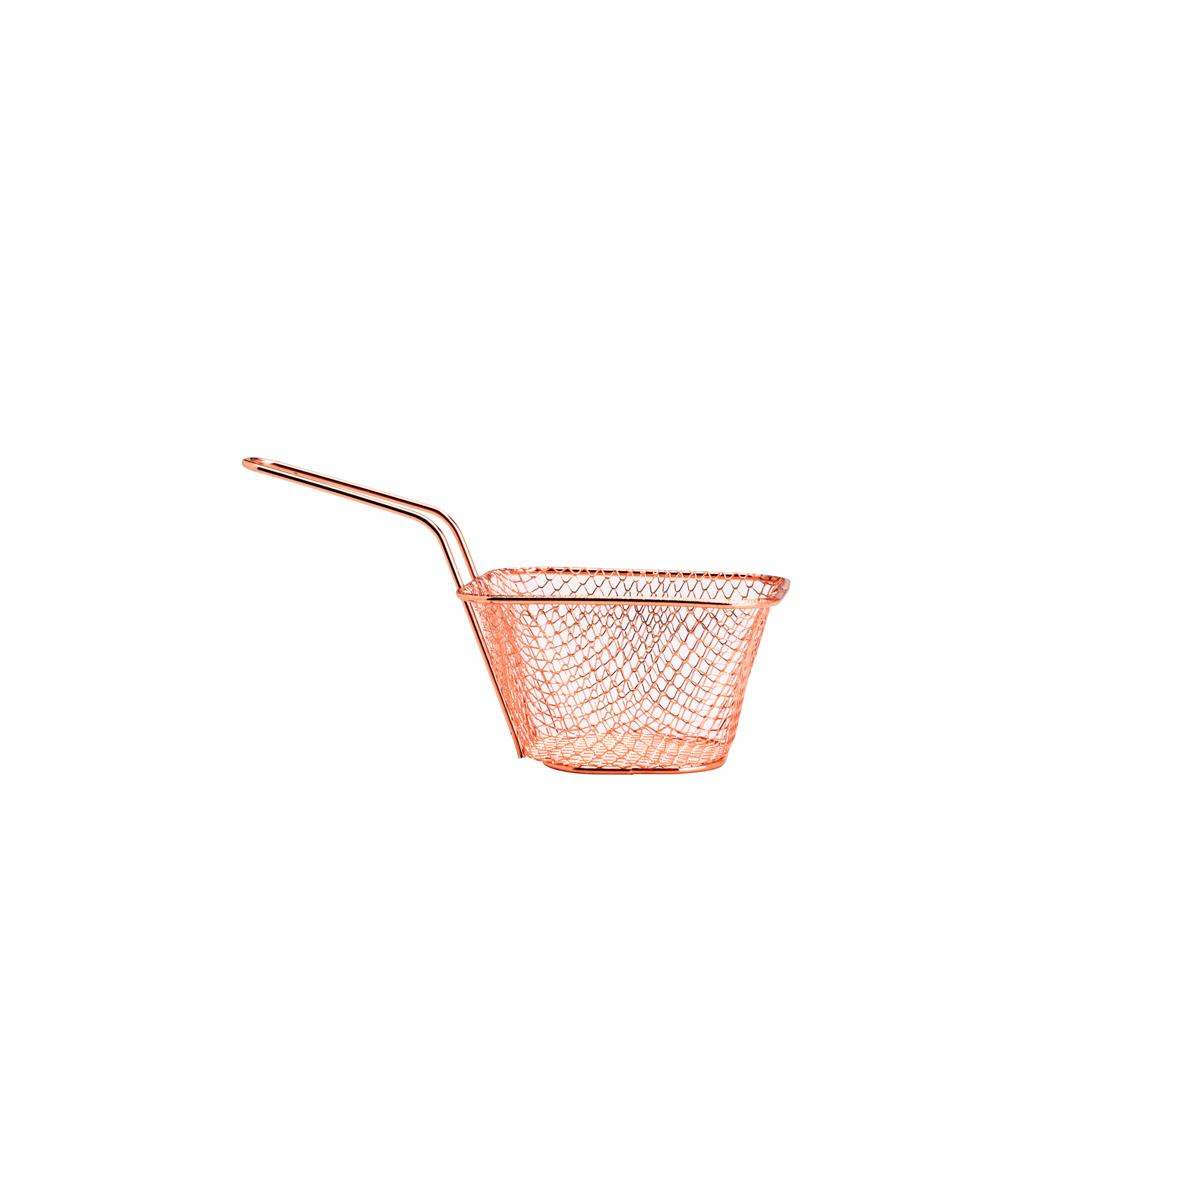 Cestinha de aço inox rose 19,5x9x11cm Lyor